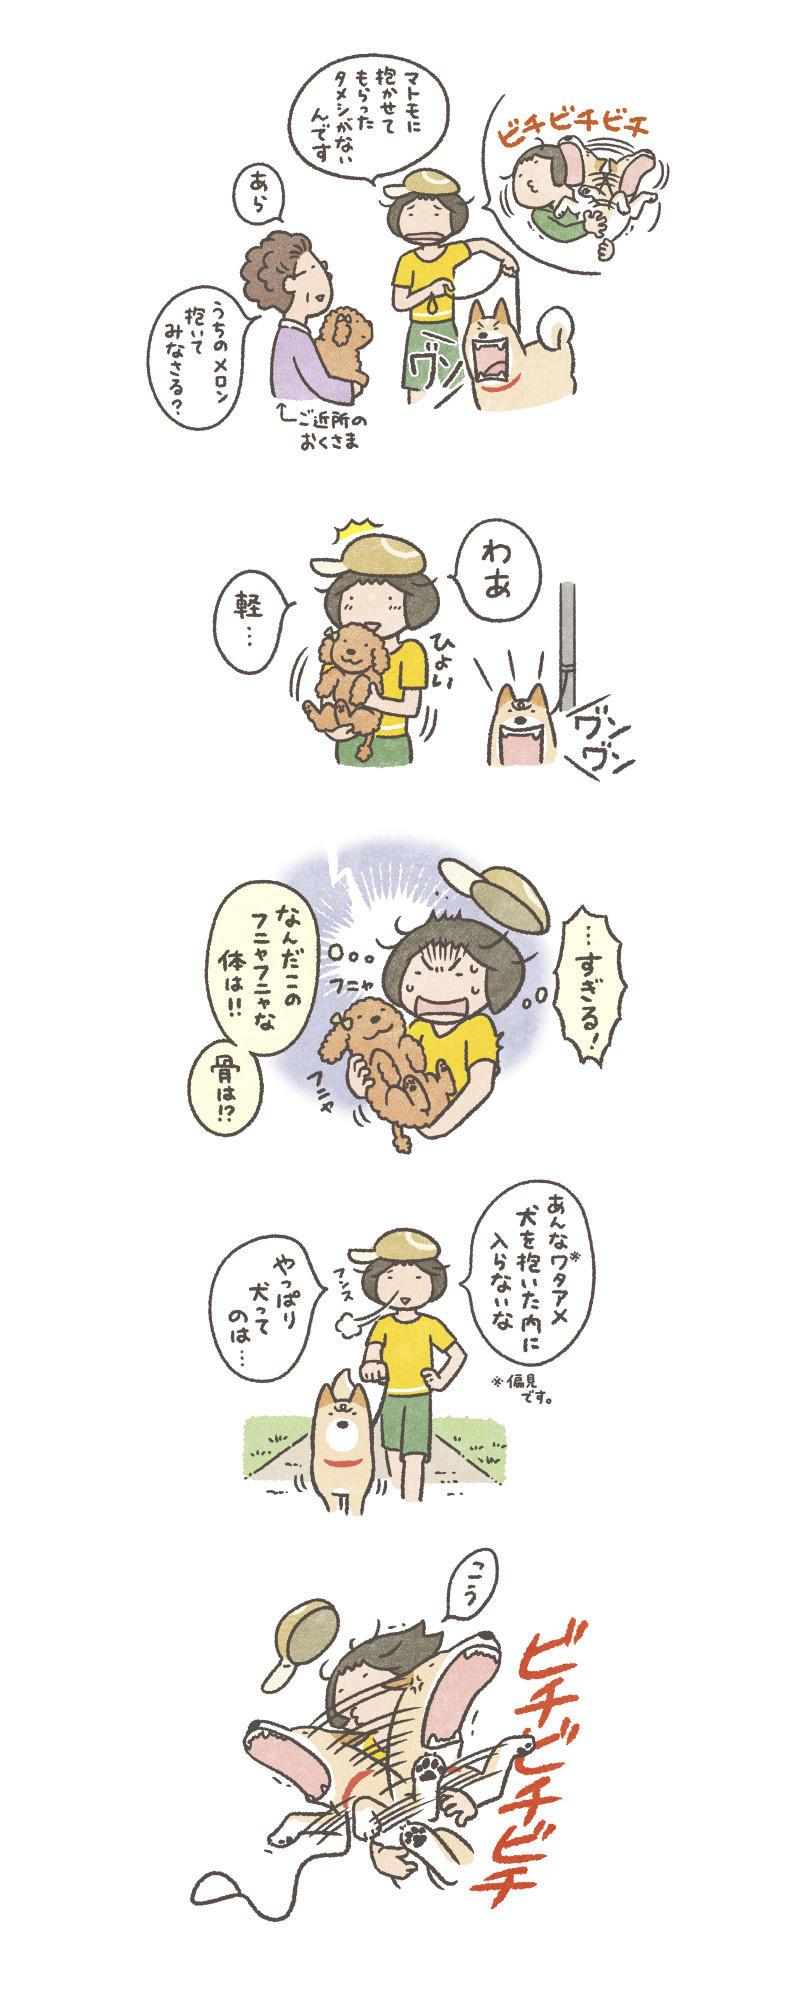 63wataametomaguro.jpg